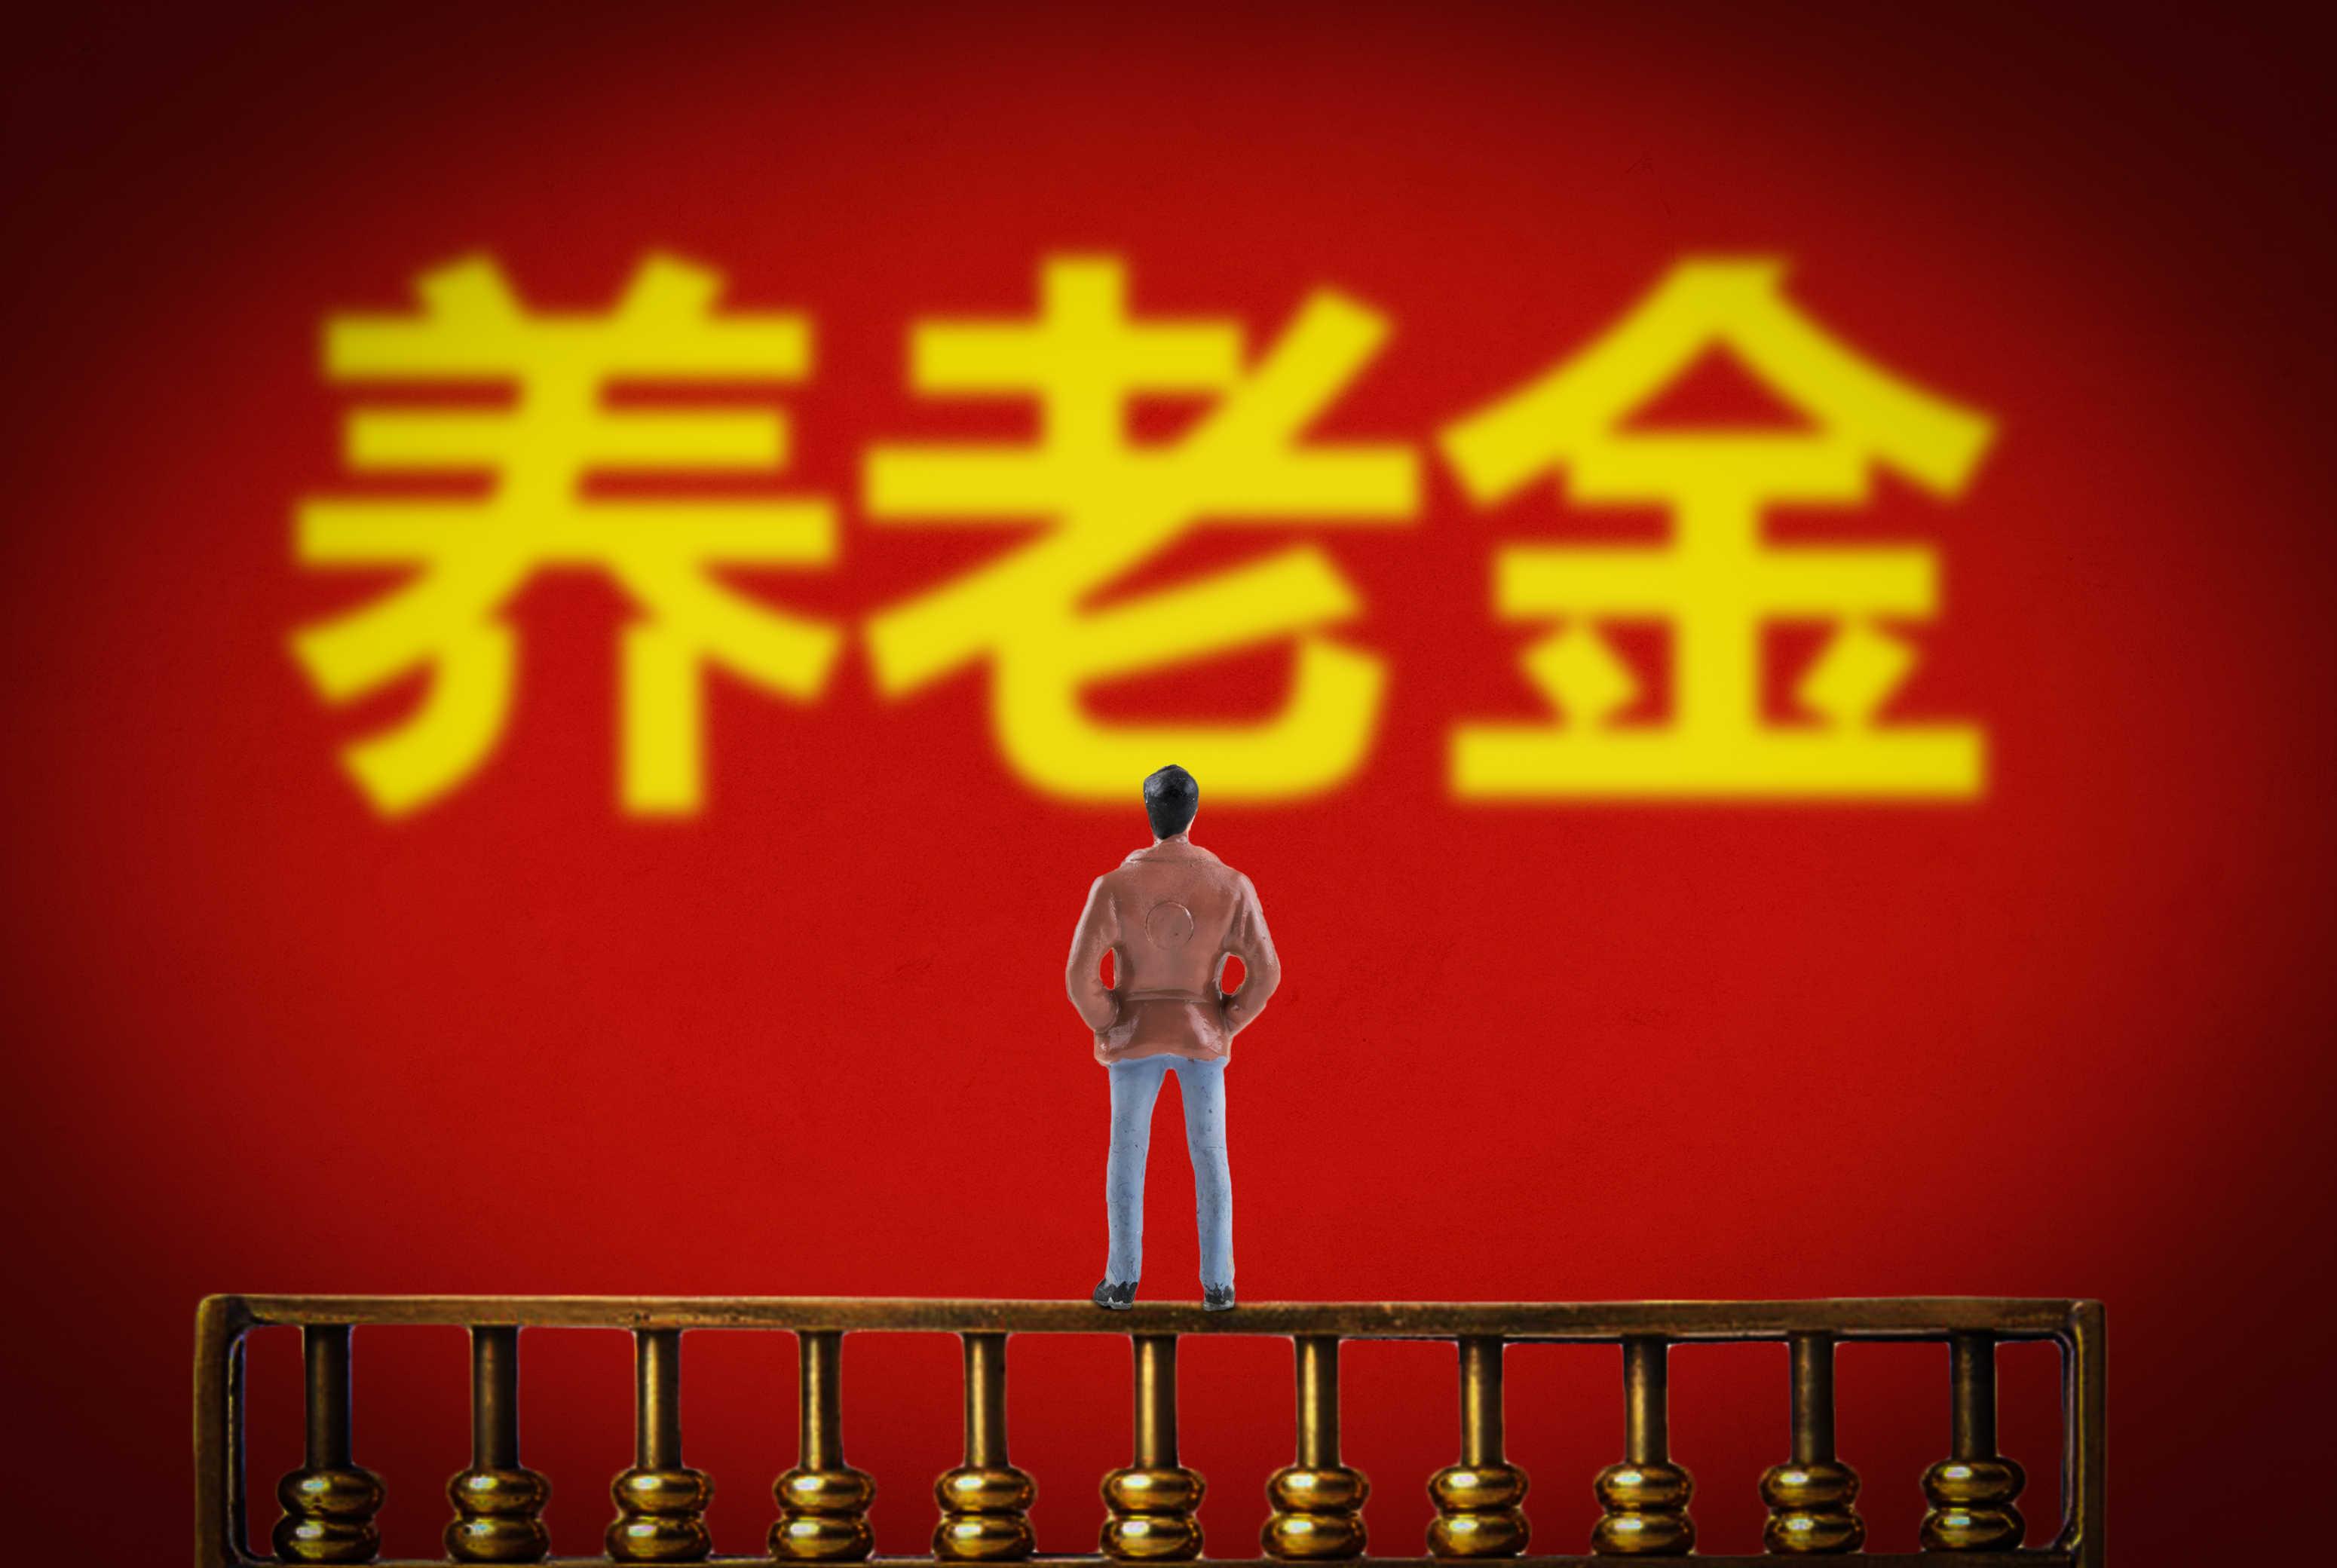 365bet中文官方网站-热门文章